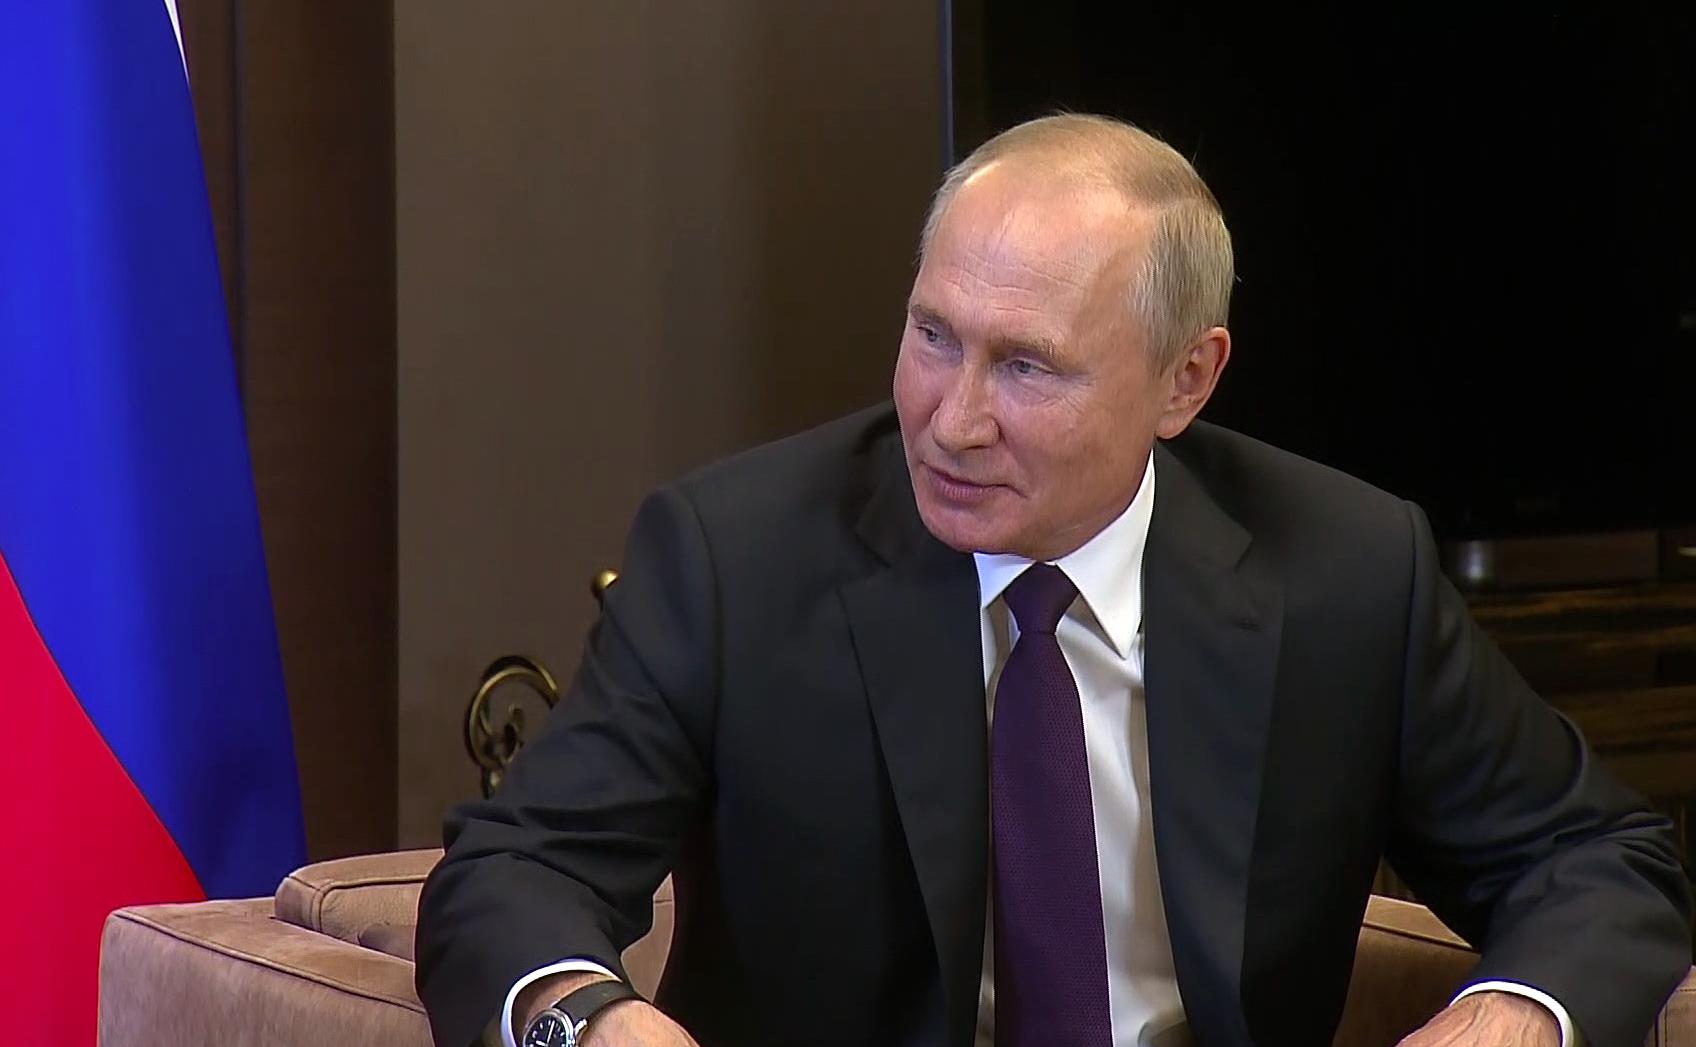 KREMLIN 4 X 4 DU 14.09.2020. BELARUS Avec le président de la Biélorussie Alexandre Loukachenko. 14VGV6OUhPN3ZQOg3a0REzSAc3kxAdG6